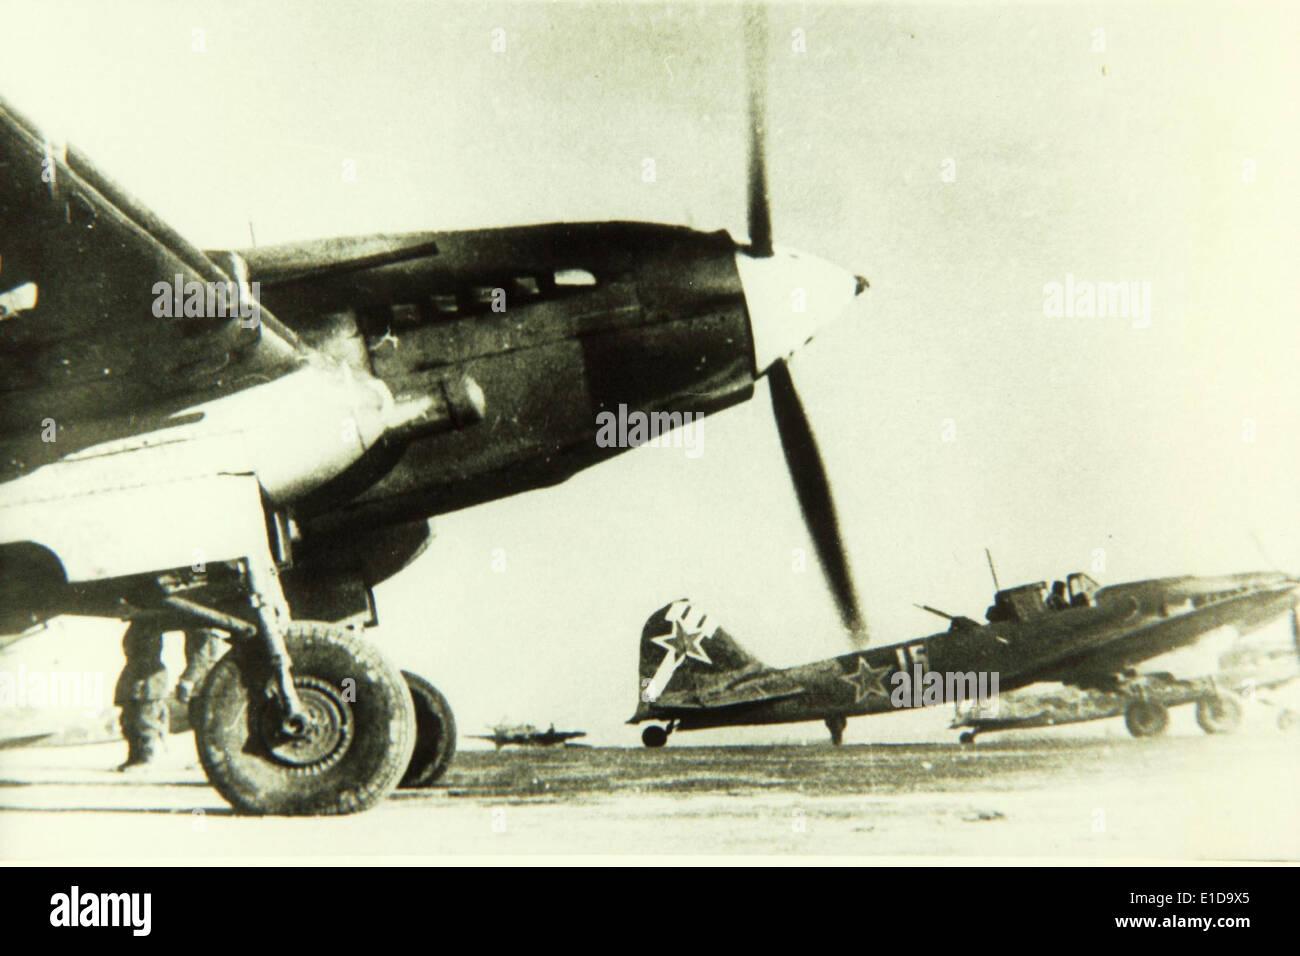 Ilyushin, Il-2, Shturmovik Stock Photo